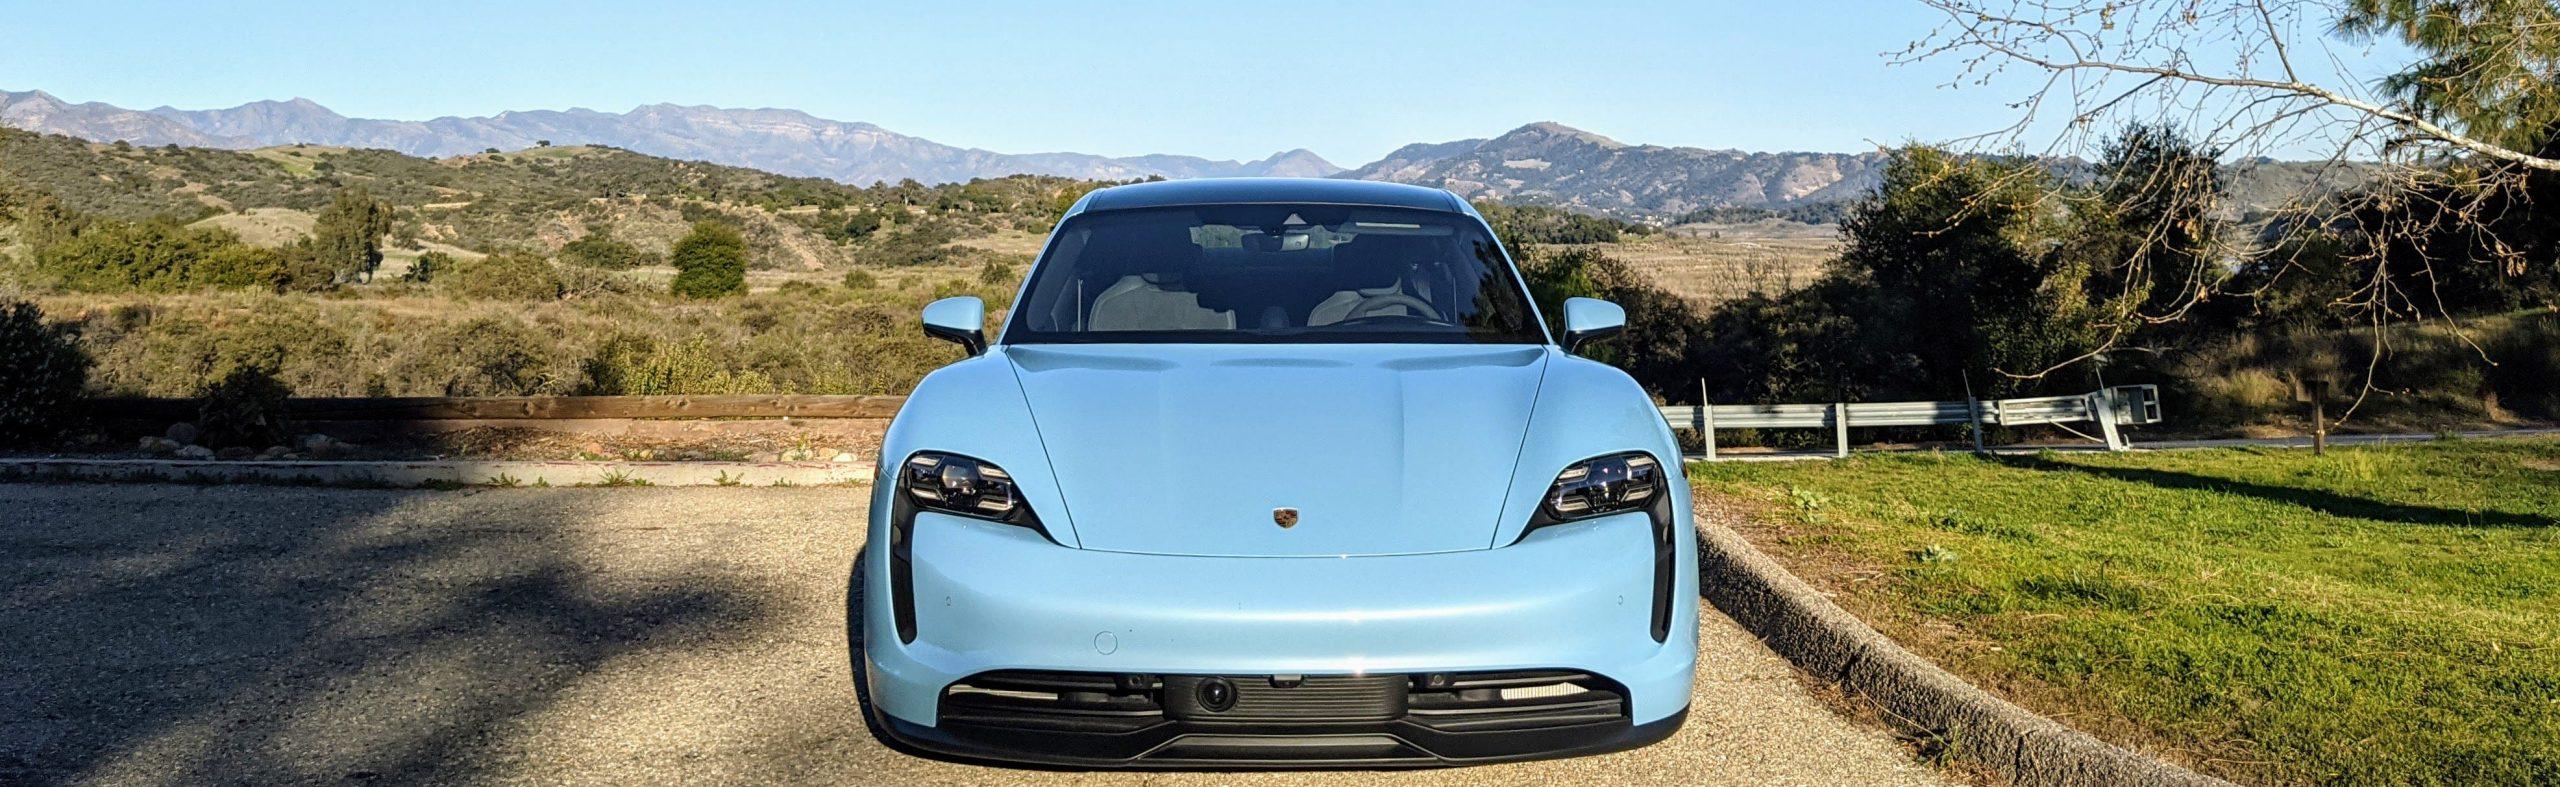 17,7% van de Amerikaanse elektrische Porsche-verkopen, 4,8% van de Amerikaanse Volkswagen-verkopen – onstuimige cijfers voor BMW, Ford, Nissan en Chevrolet